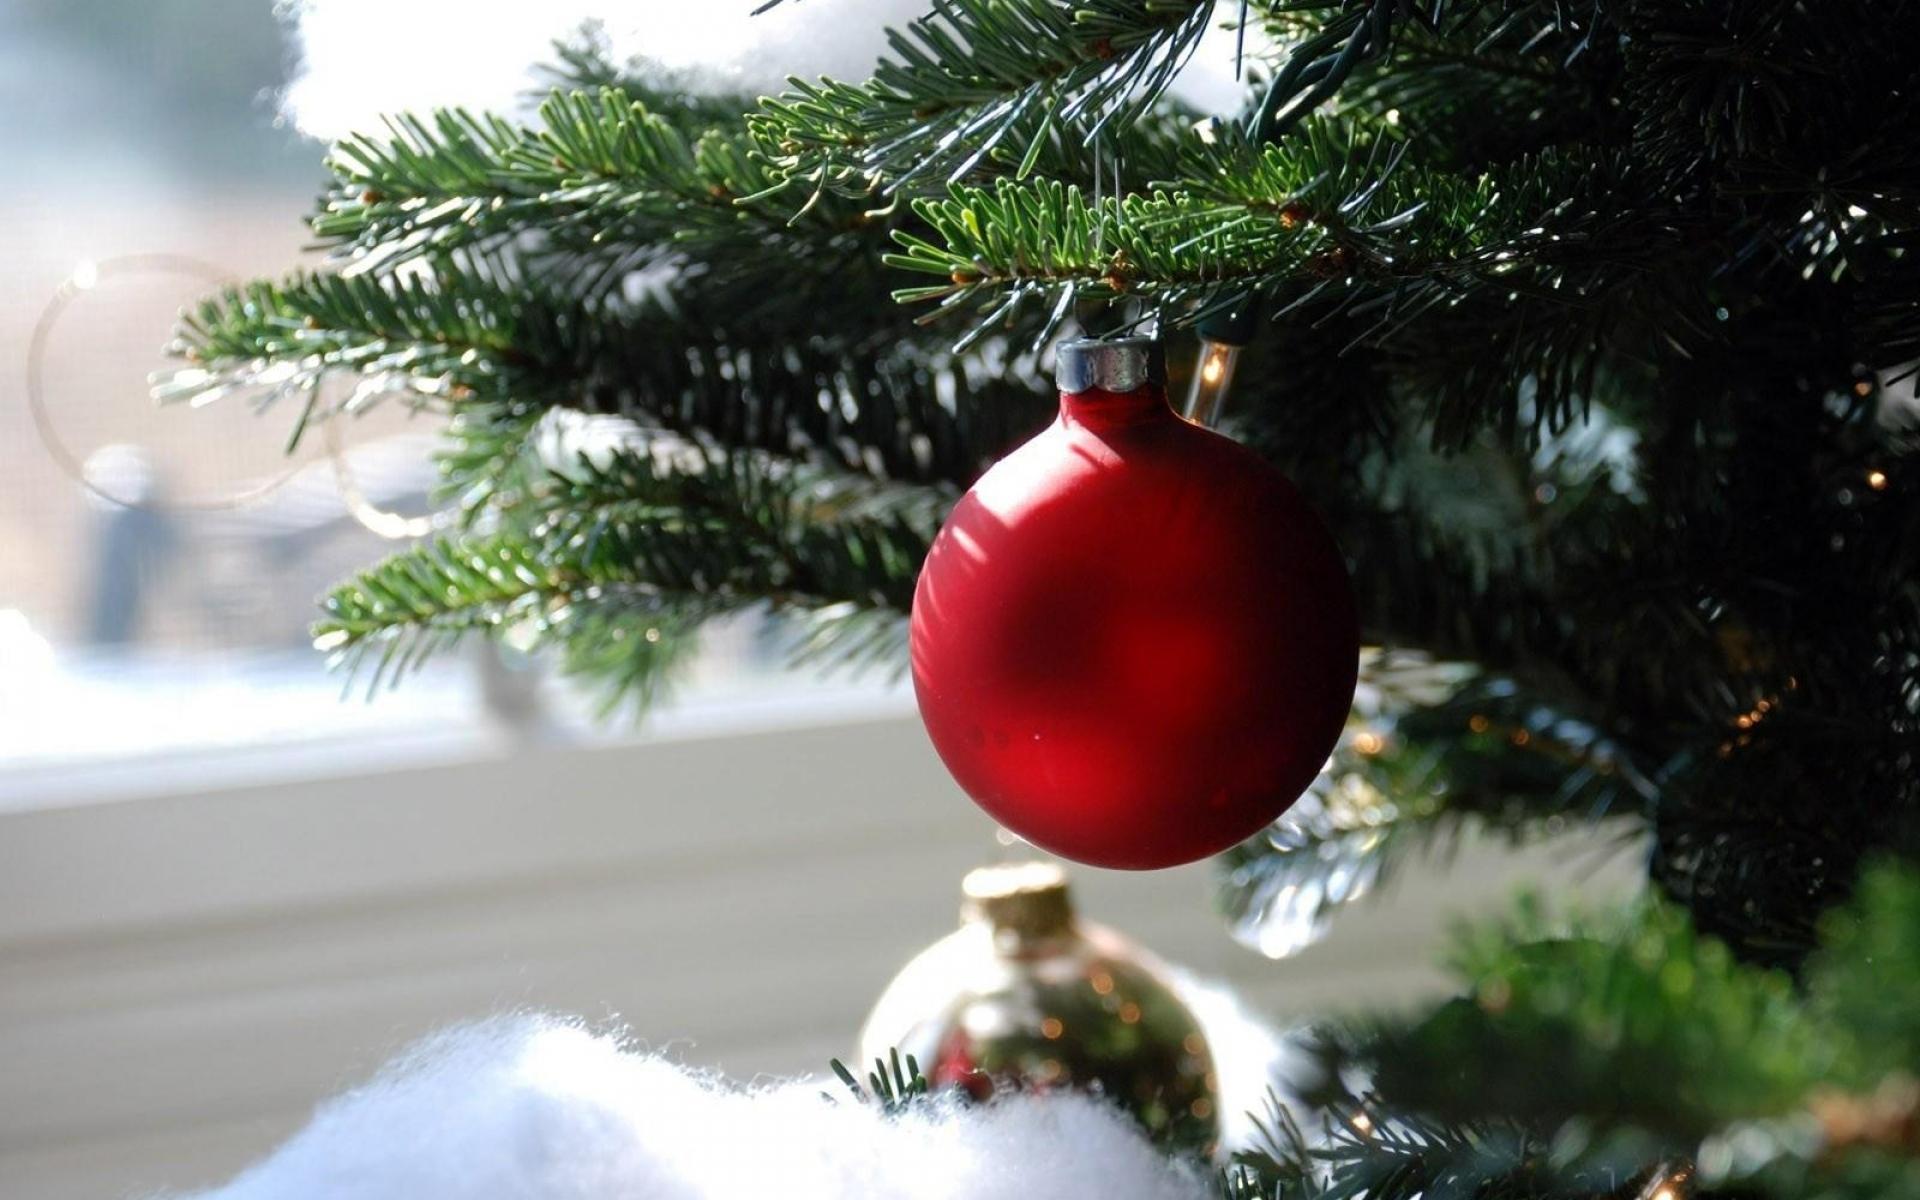 Картинки Рождественские украшения, мяч, иглы, филиал, макро фото и обои на рабочий стол